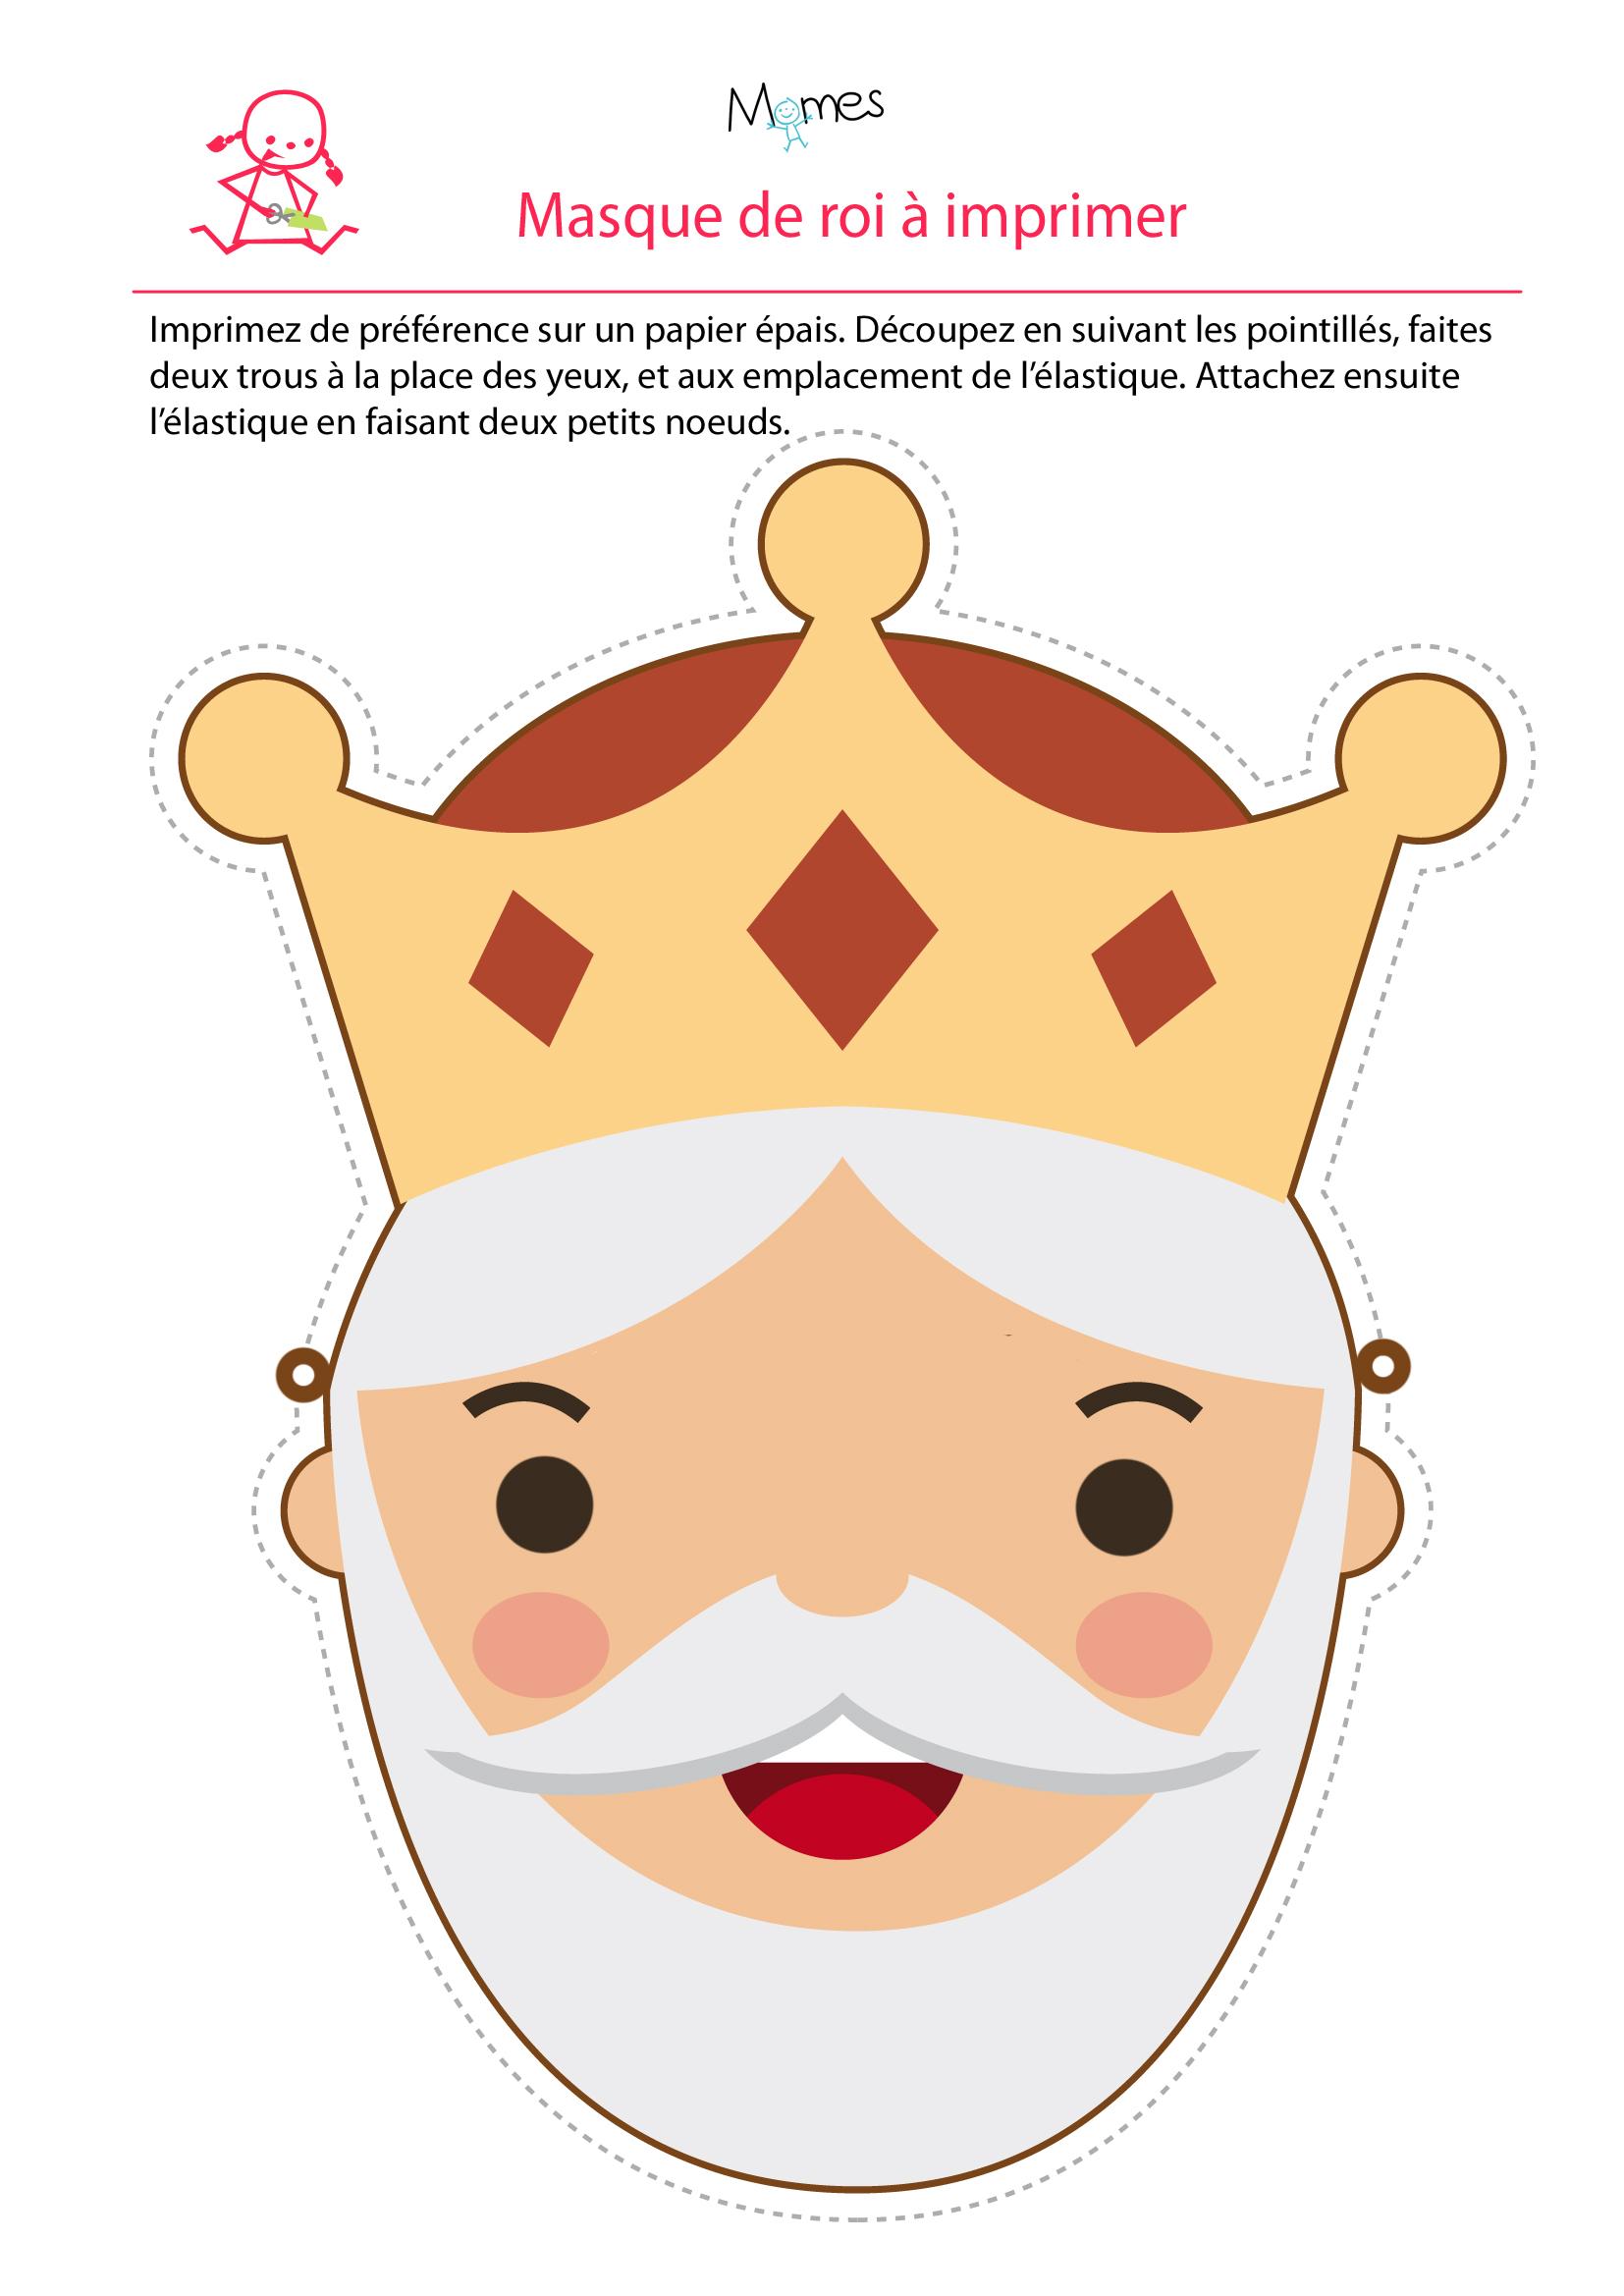 masque de roi à imprimer